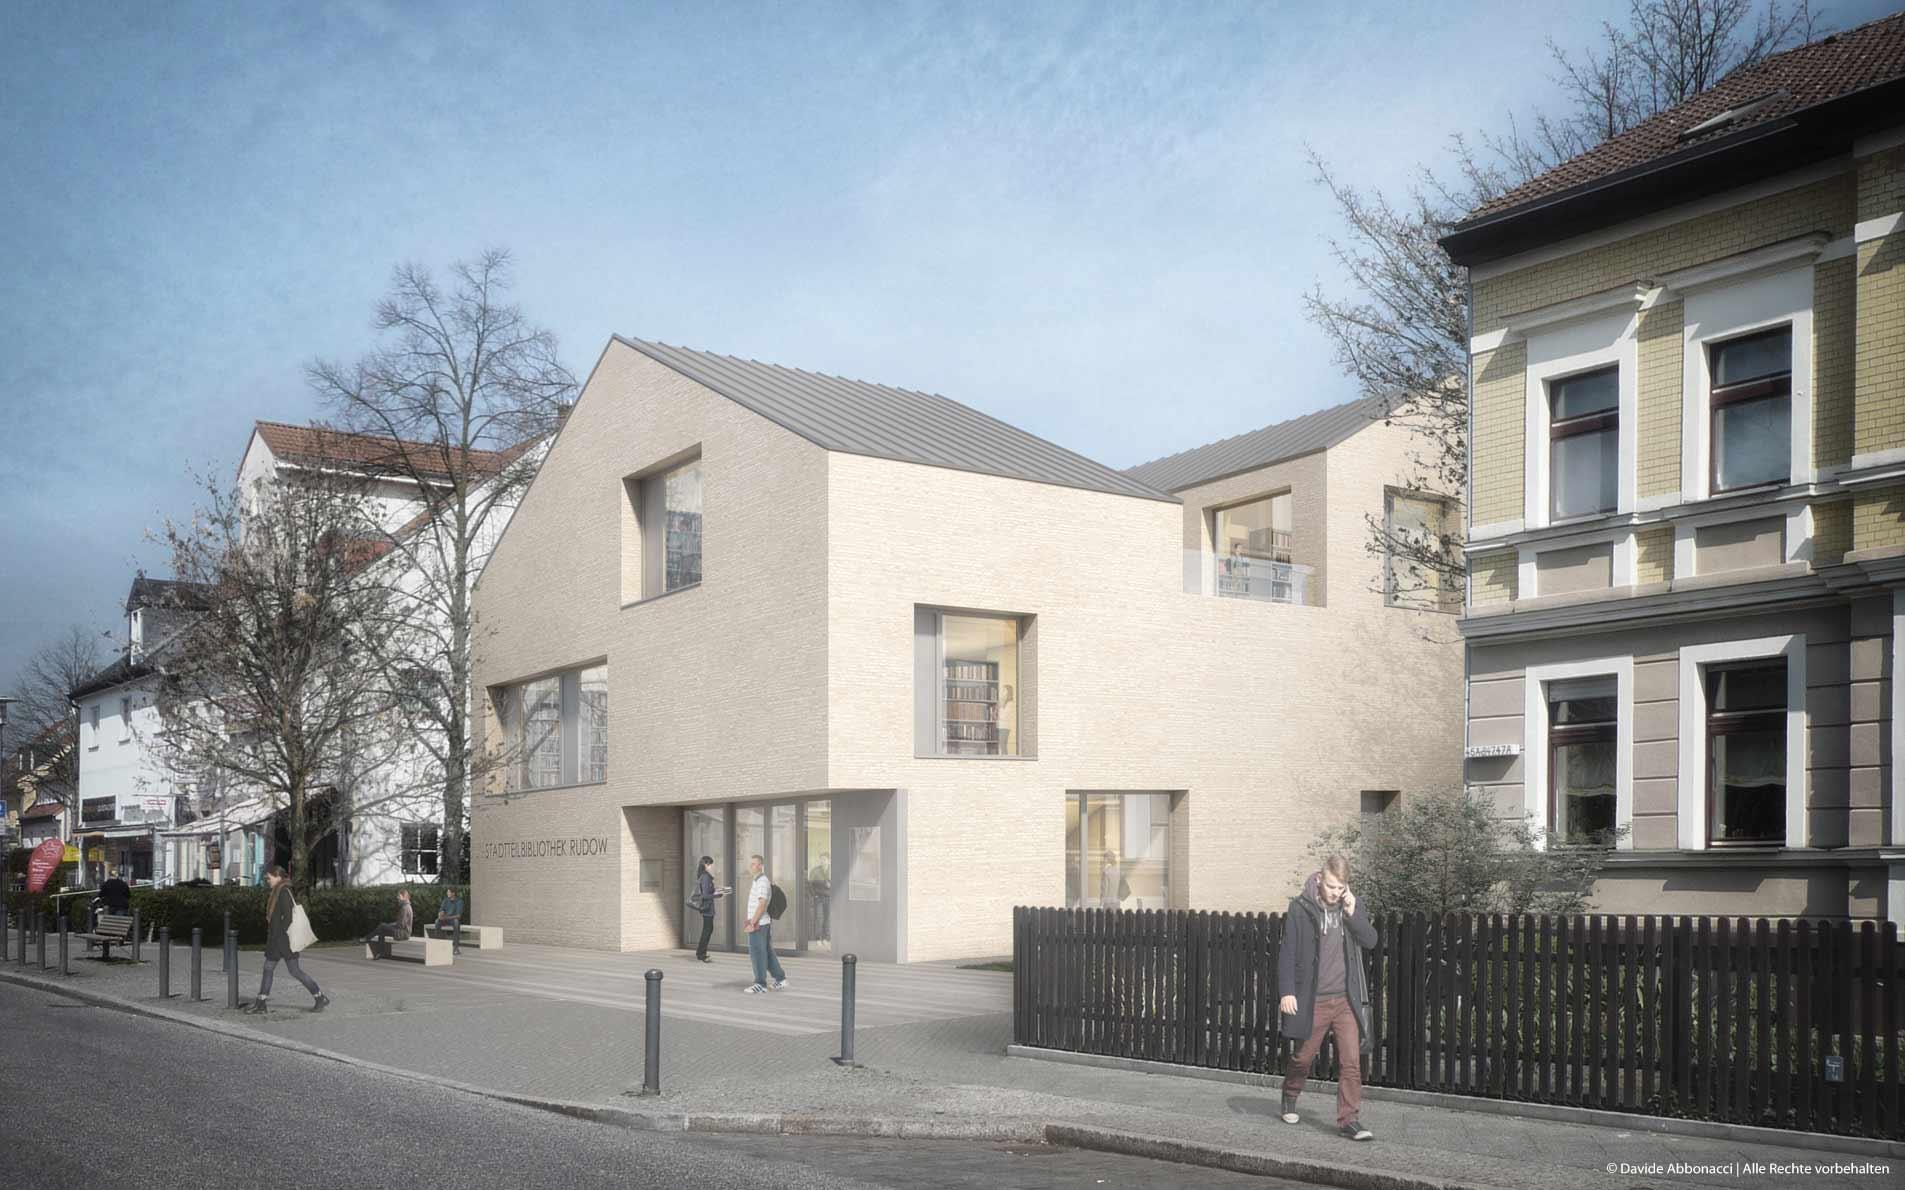 Stadteilbibliothek Rudow, Berlin | Wieland Vajen Architekt | 2015 Wettbewerbsvisualisierung | 1. Preis